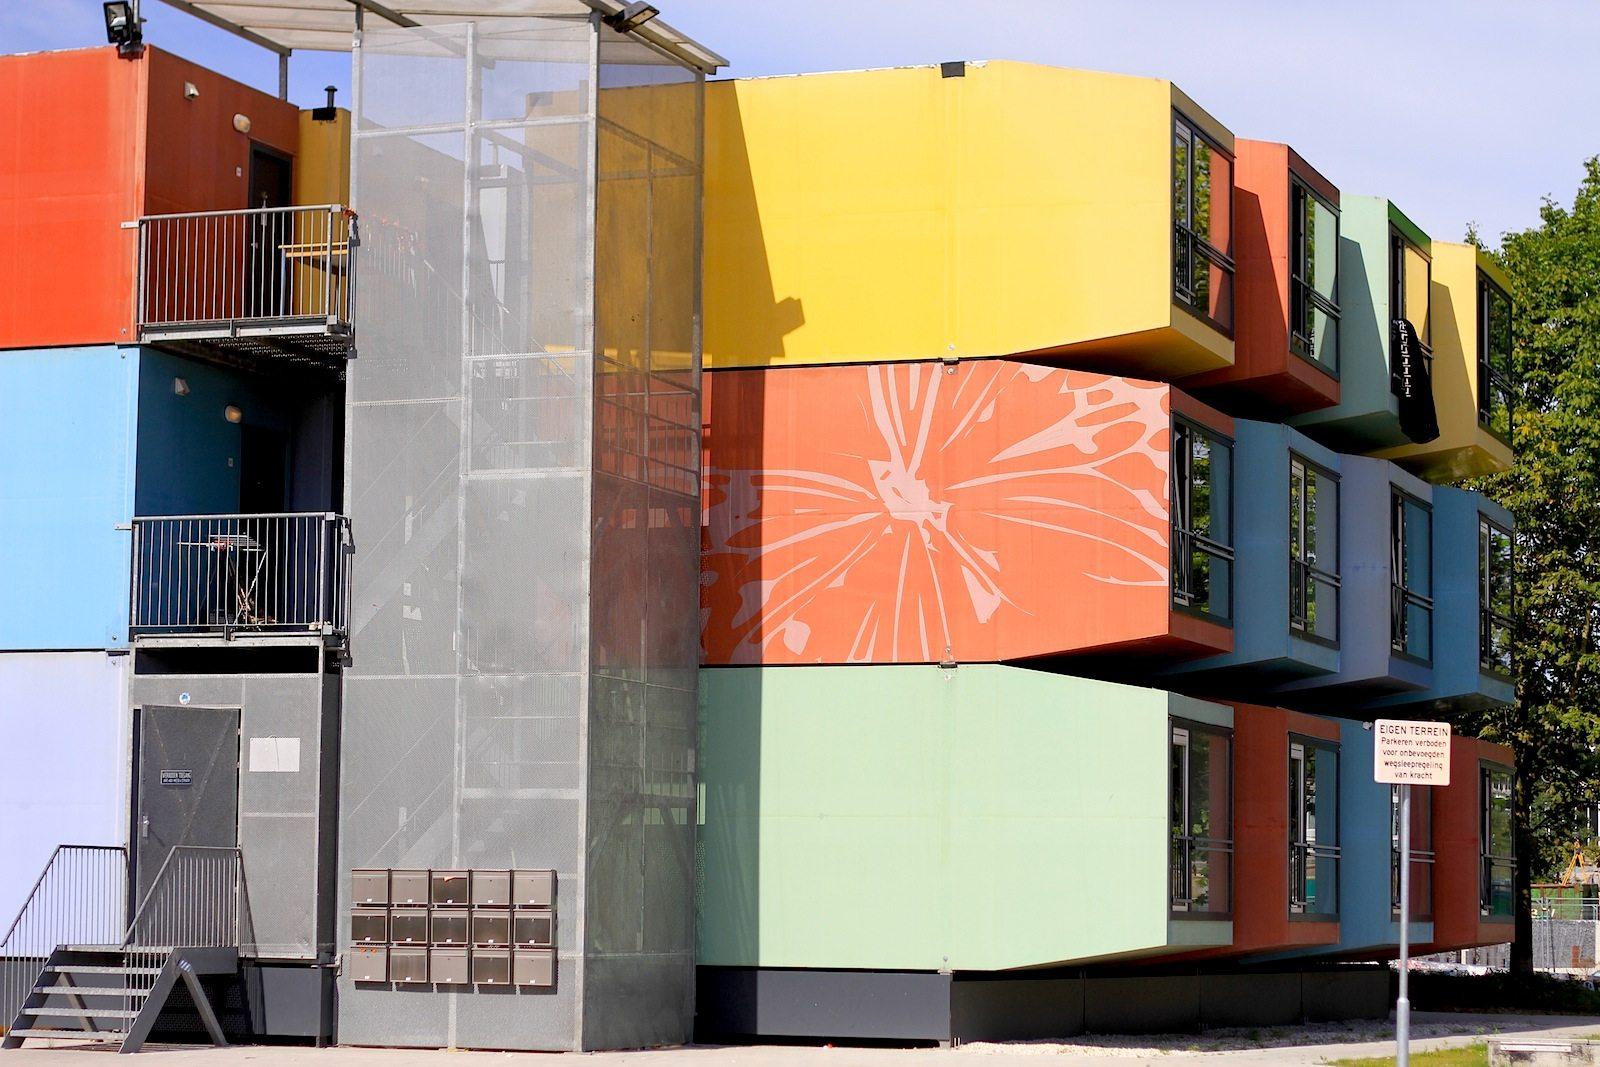 Spaceboxen.  Spacebox ist ein modulares Gebäudekonzept des niederländischen Architekten Mart de Jong. Die Einheiten können umgesetzt und gestapelt werden. Sie bestehen zum größten Teil aus Kunststoff und bieten rund 20 m² Platz. Die Konstruktionsprinzipien stammen aus dem Schiffs- und Flugzeugbau.